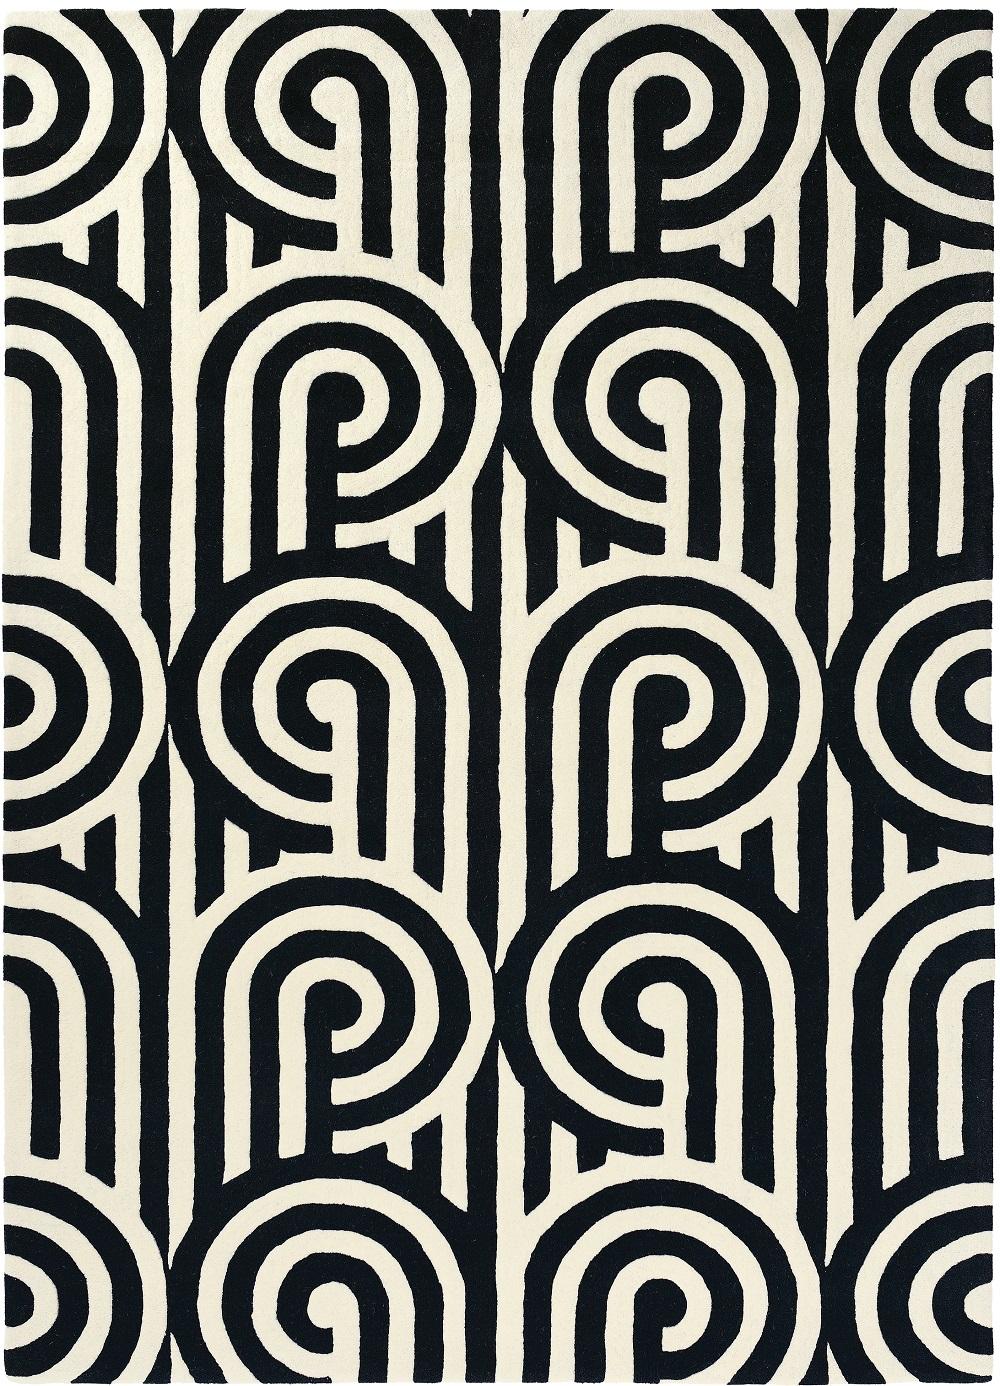 Full Size of Teppich Schwarz Weiß Kurzflor Designer Florence Broadhurst Turnabouts 039205 Wohnzimmer Bad Regal Für Küche Bett Schweißausbrüche Wechseljahre Weißes Wohnzimmer Teppich Schwarz Weiß